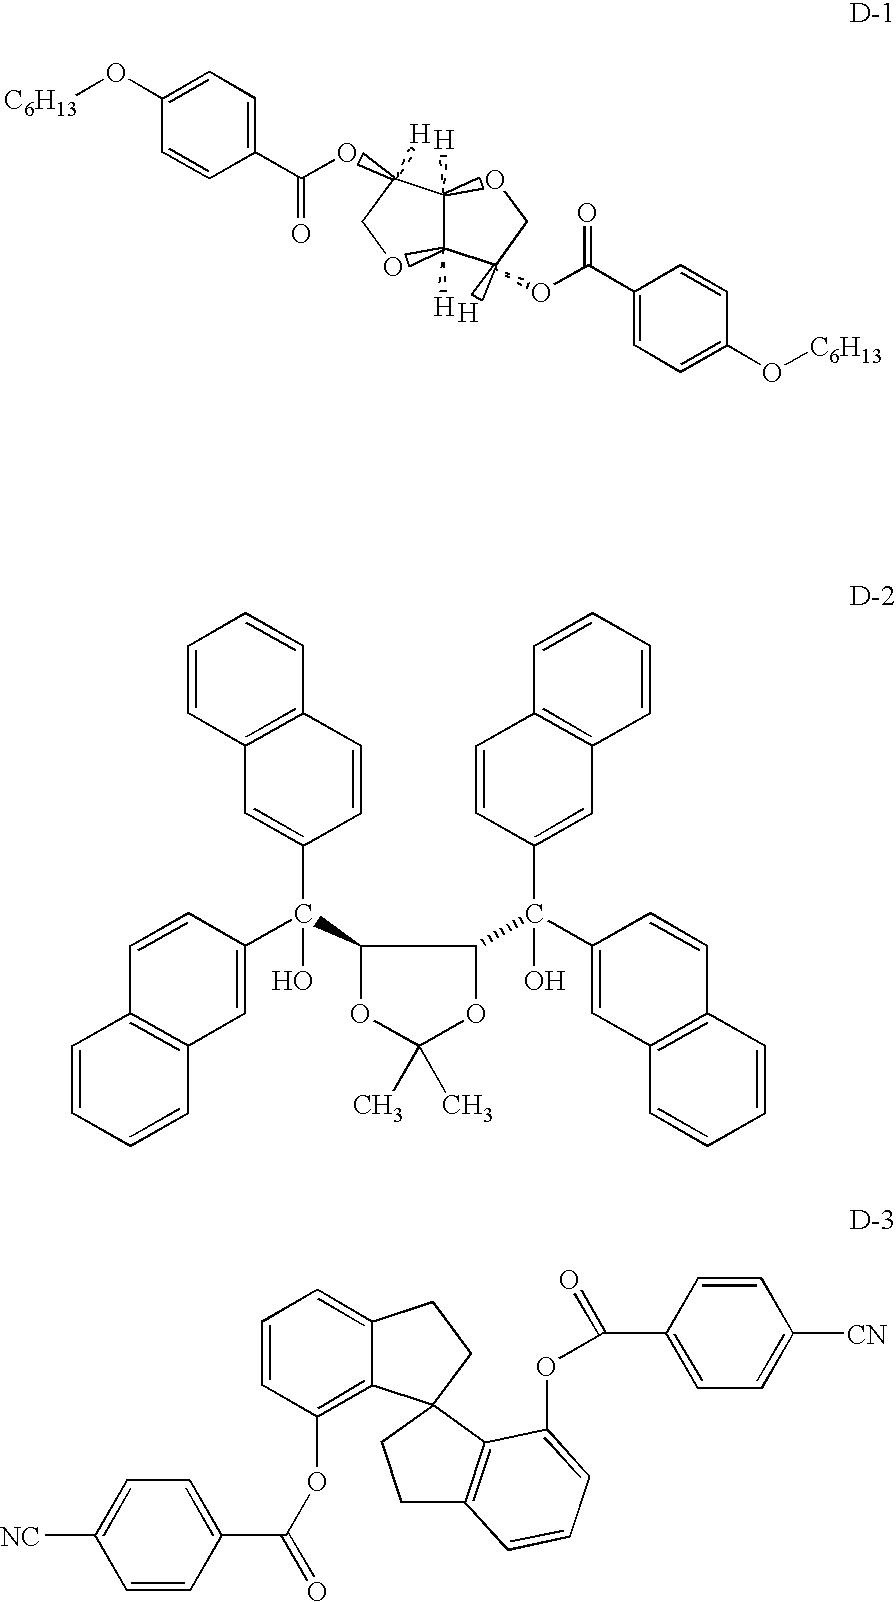 Figure US20050237473A1-20051027-C00001